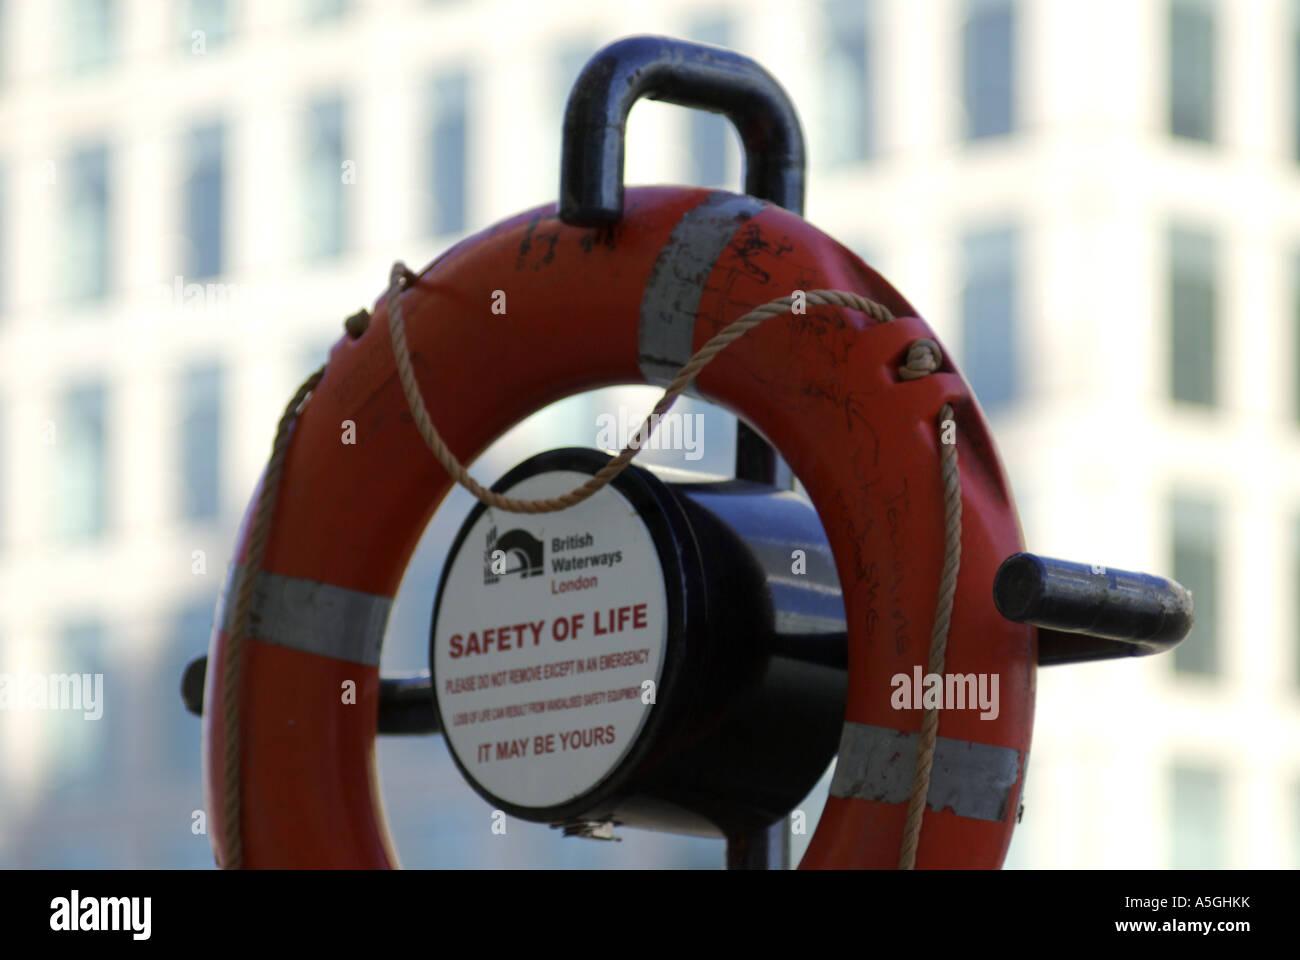 lifebuoy at Canary Wharf London - Stock Image